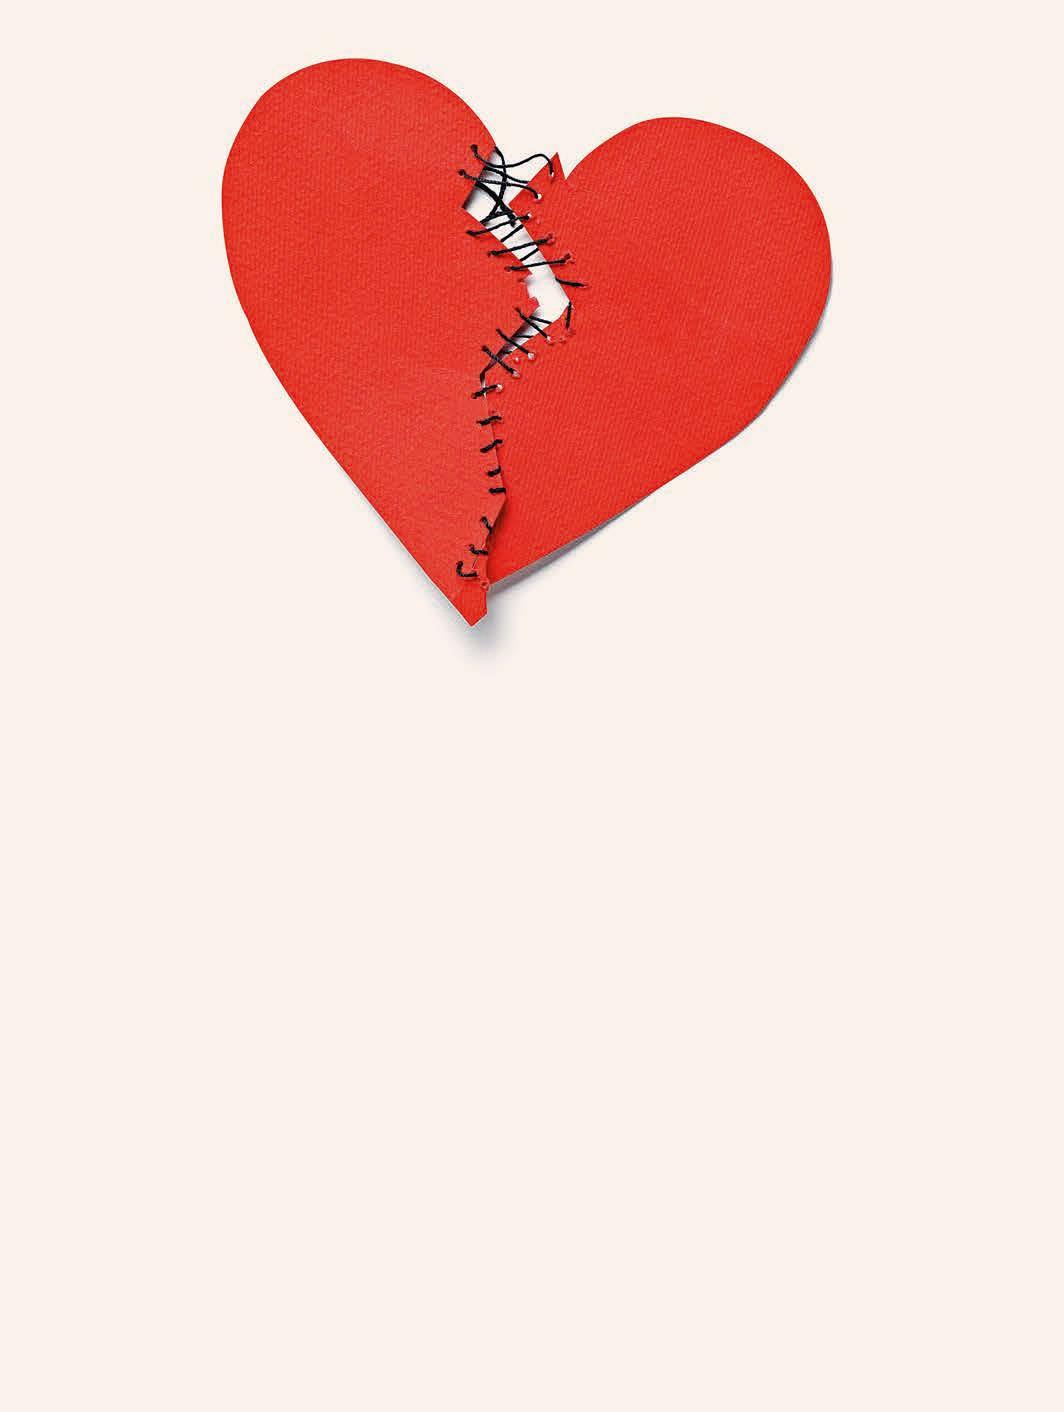 how to solve broken heart